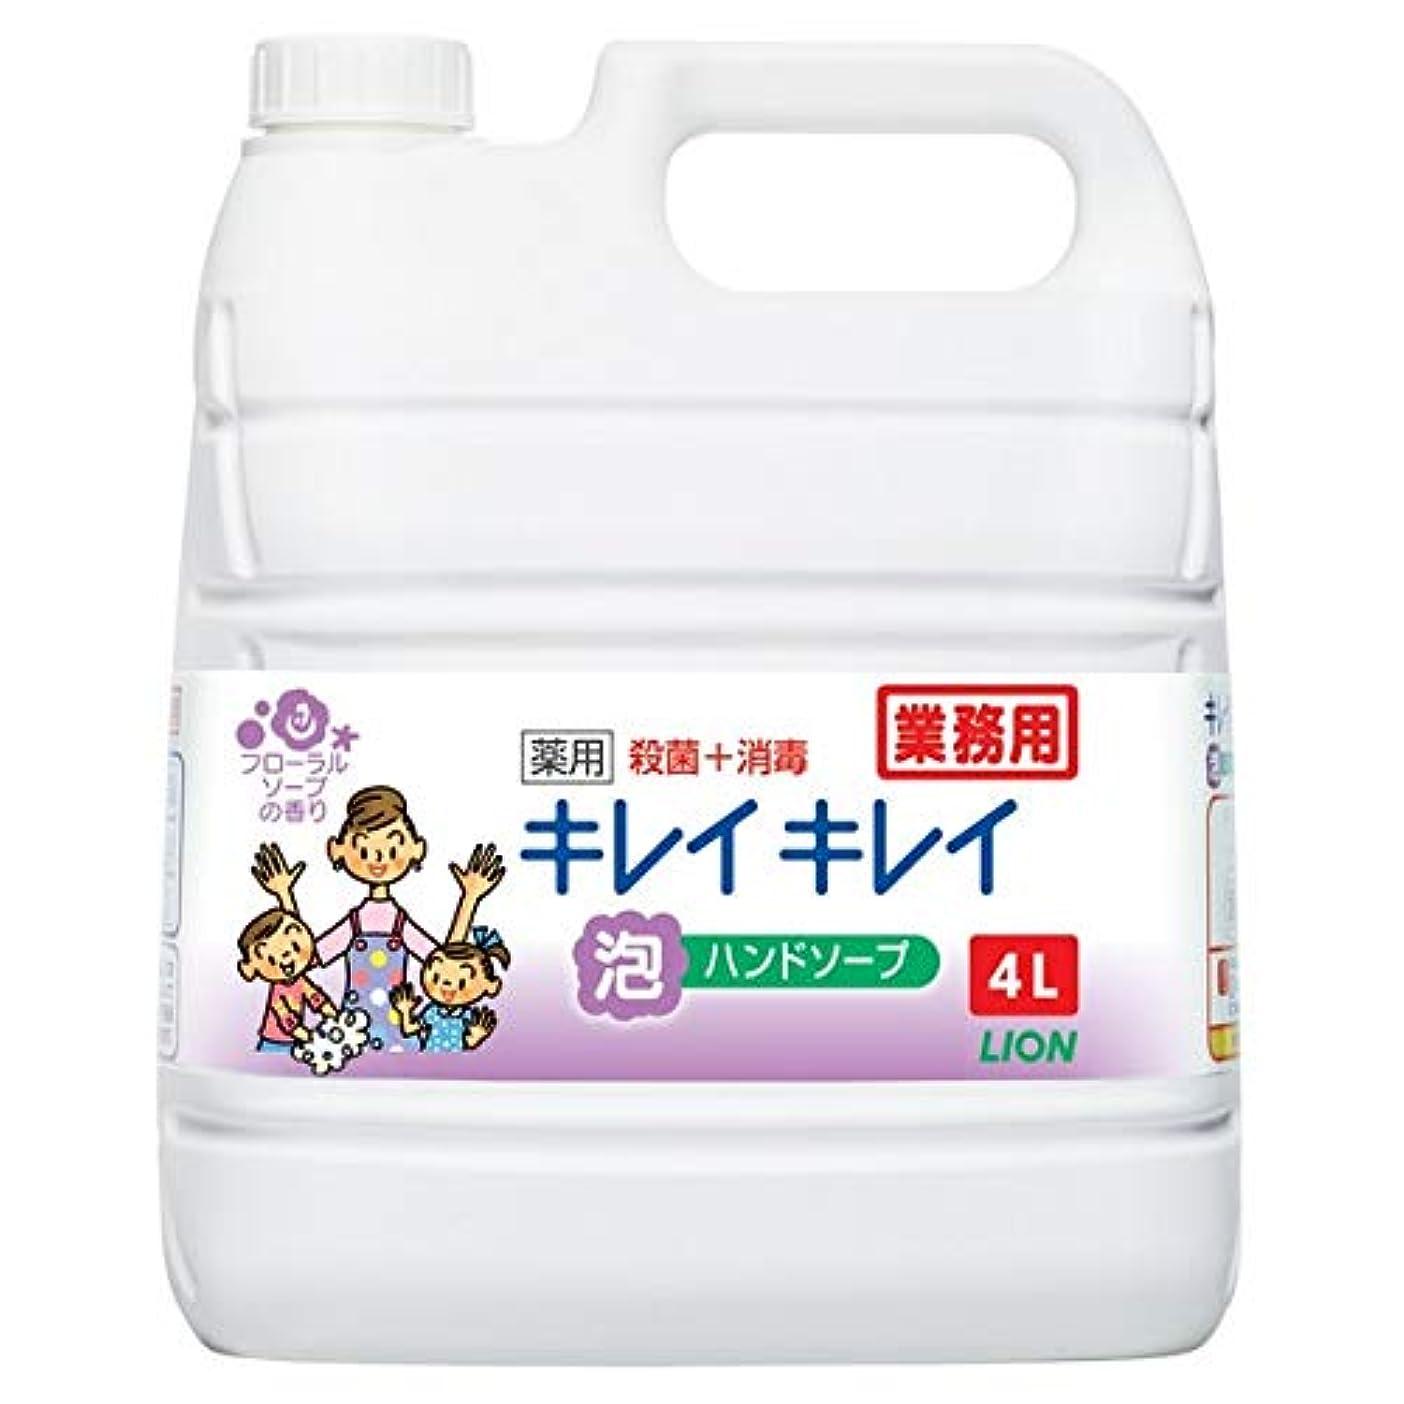 補助勘違いする放散するライオンハイジーン キレイキレイ薬用泡ハンドフローラルS詰替4L×3本